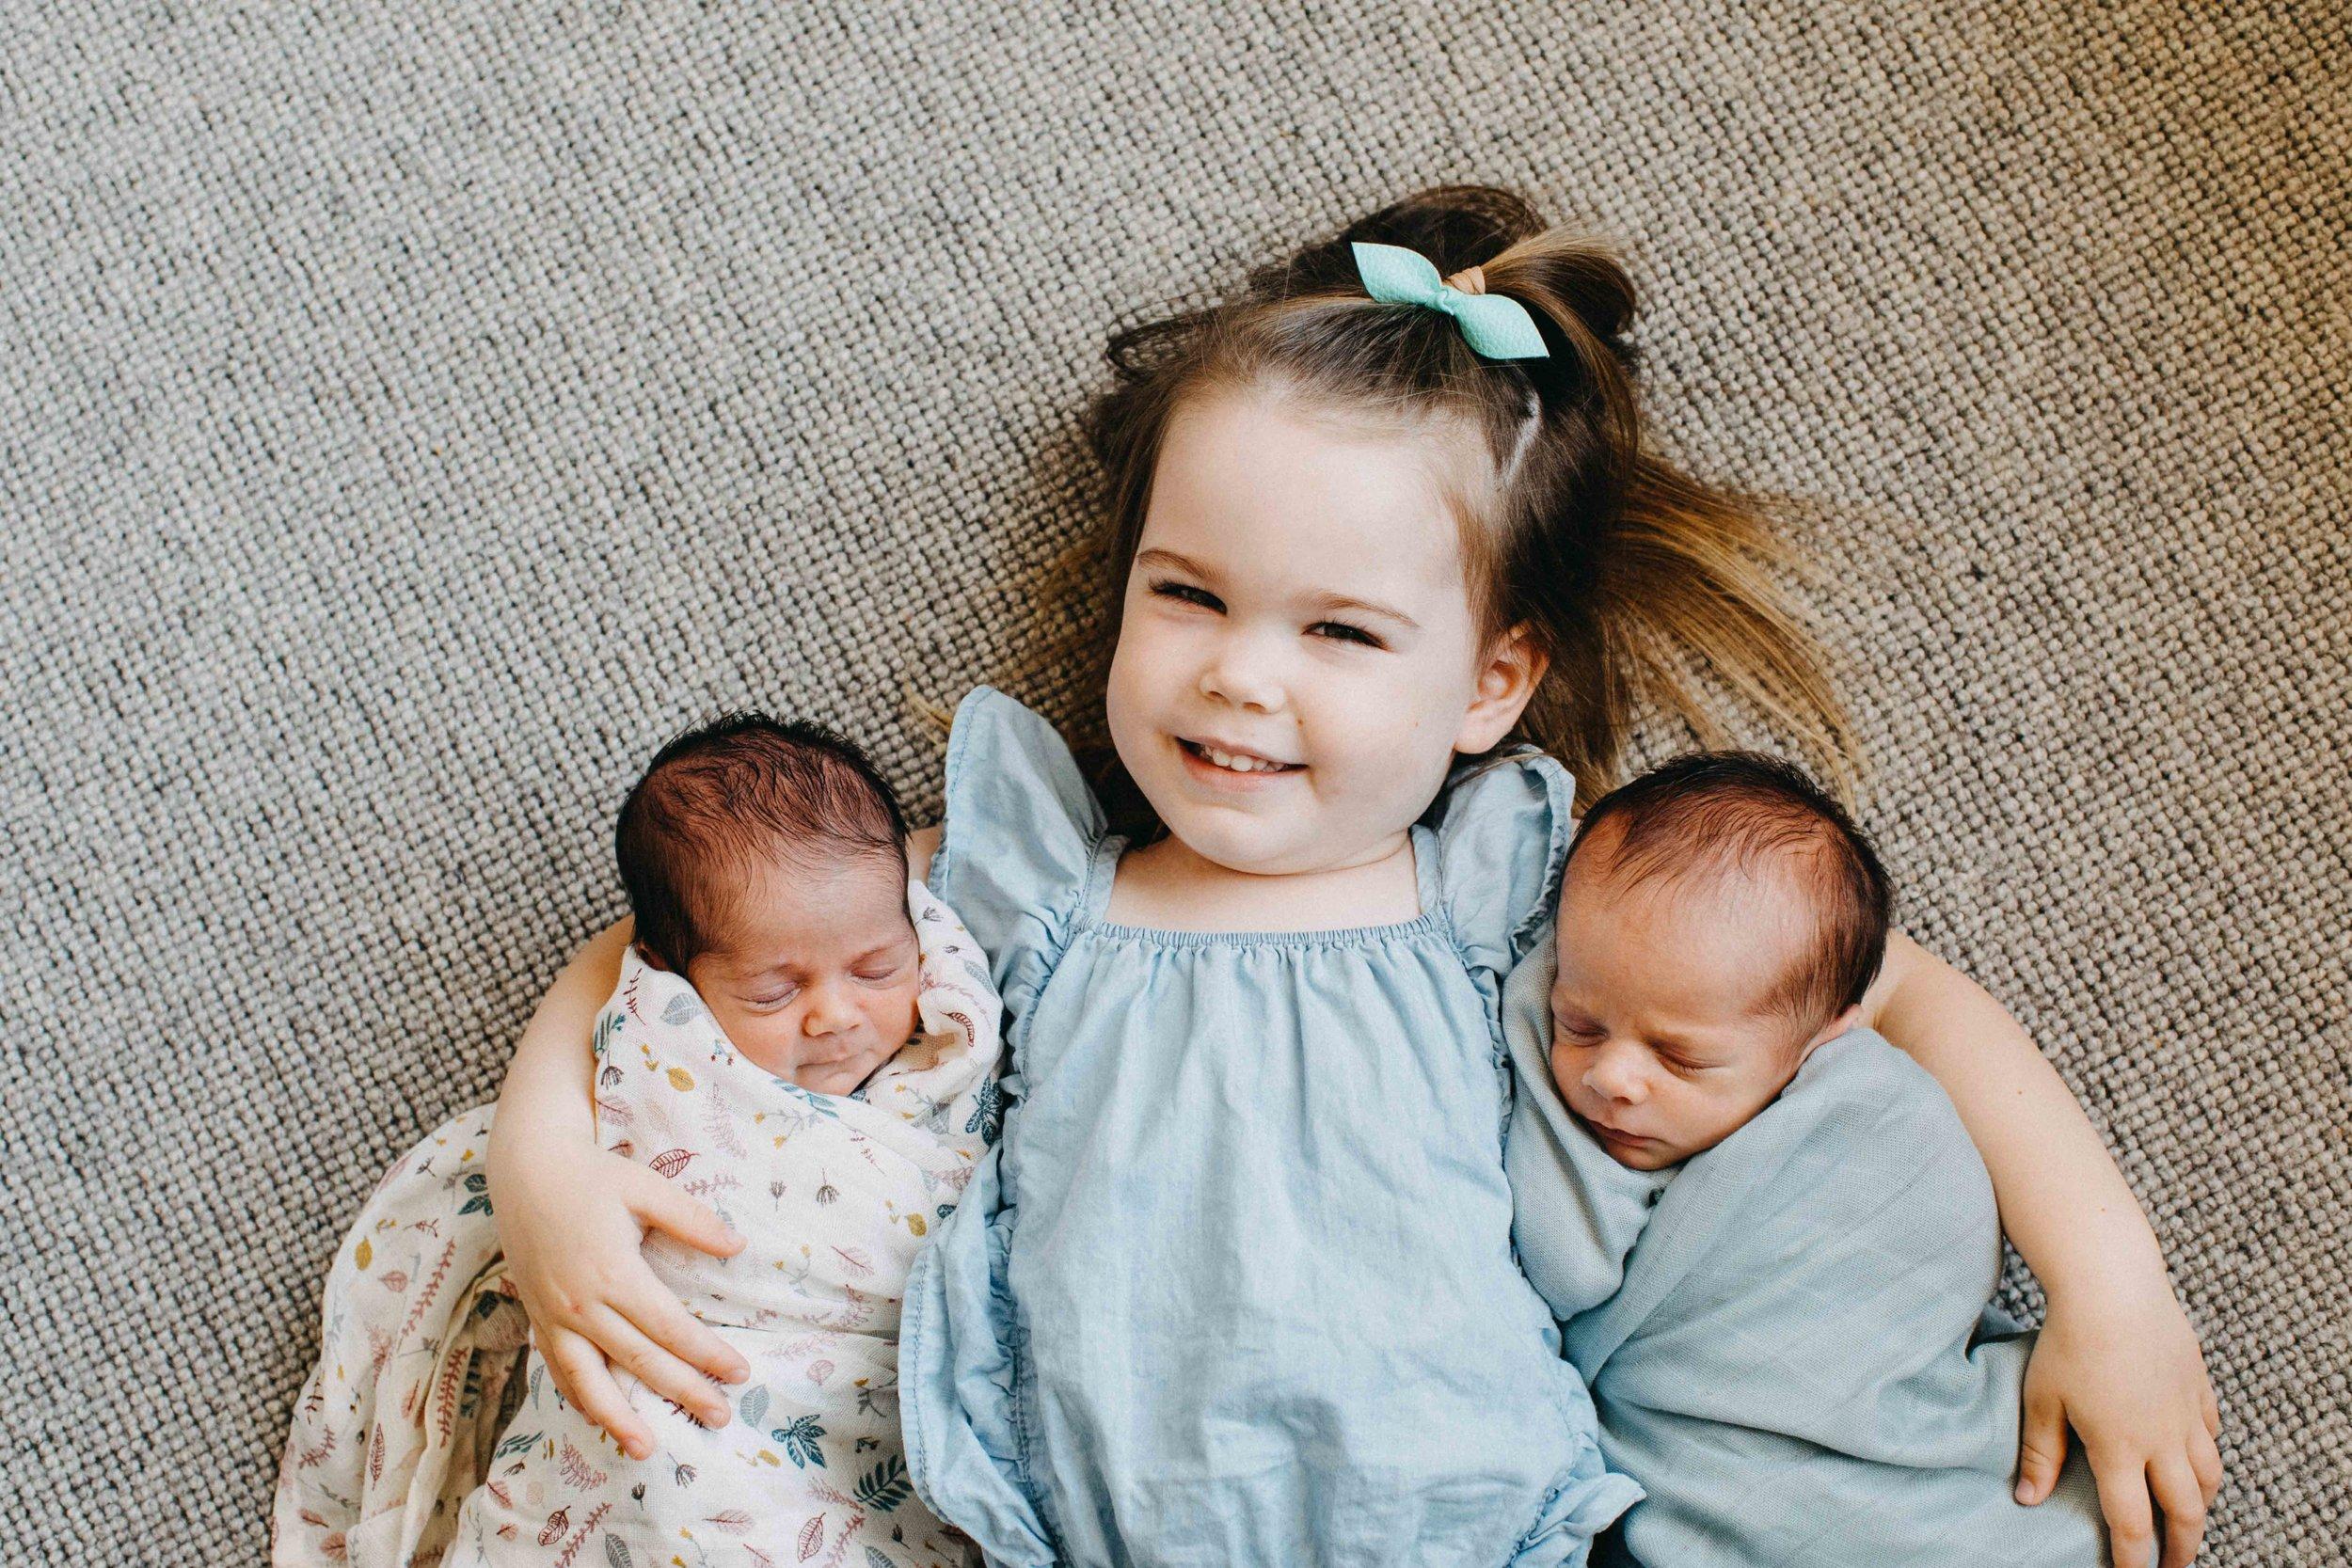 cobbityy-camden-newborn-twin-phootgraphy-violet-brodie-13.jpg